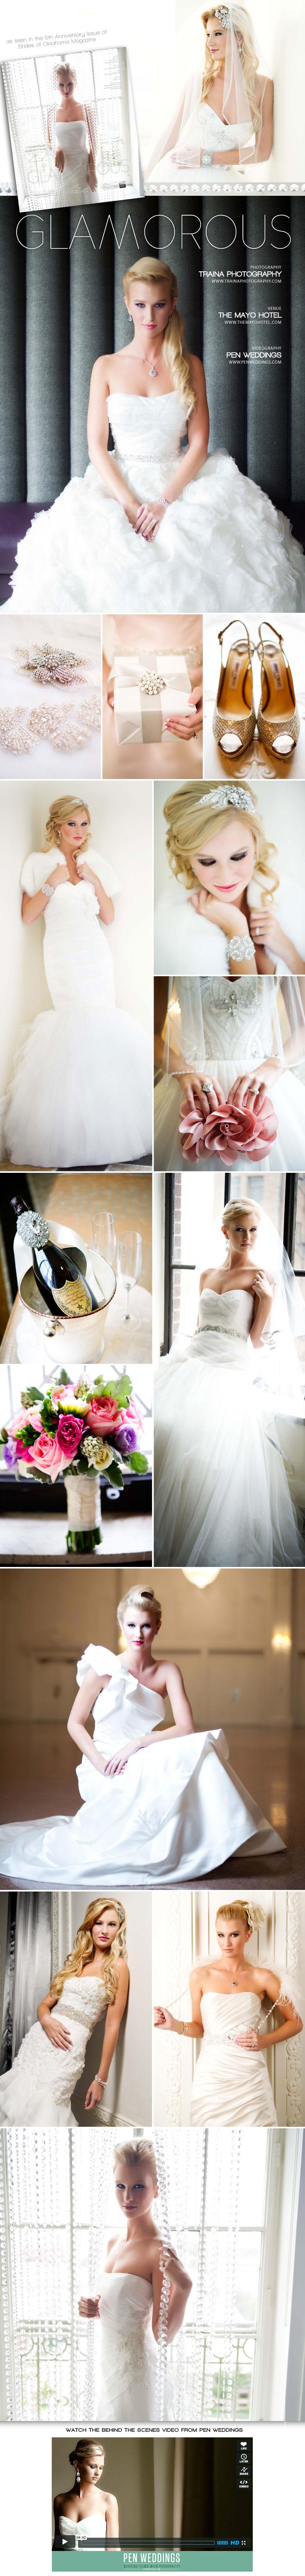 Glamorous Oklahoma wedding gowns